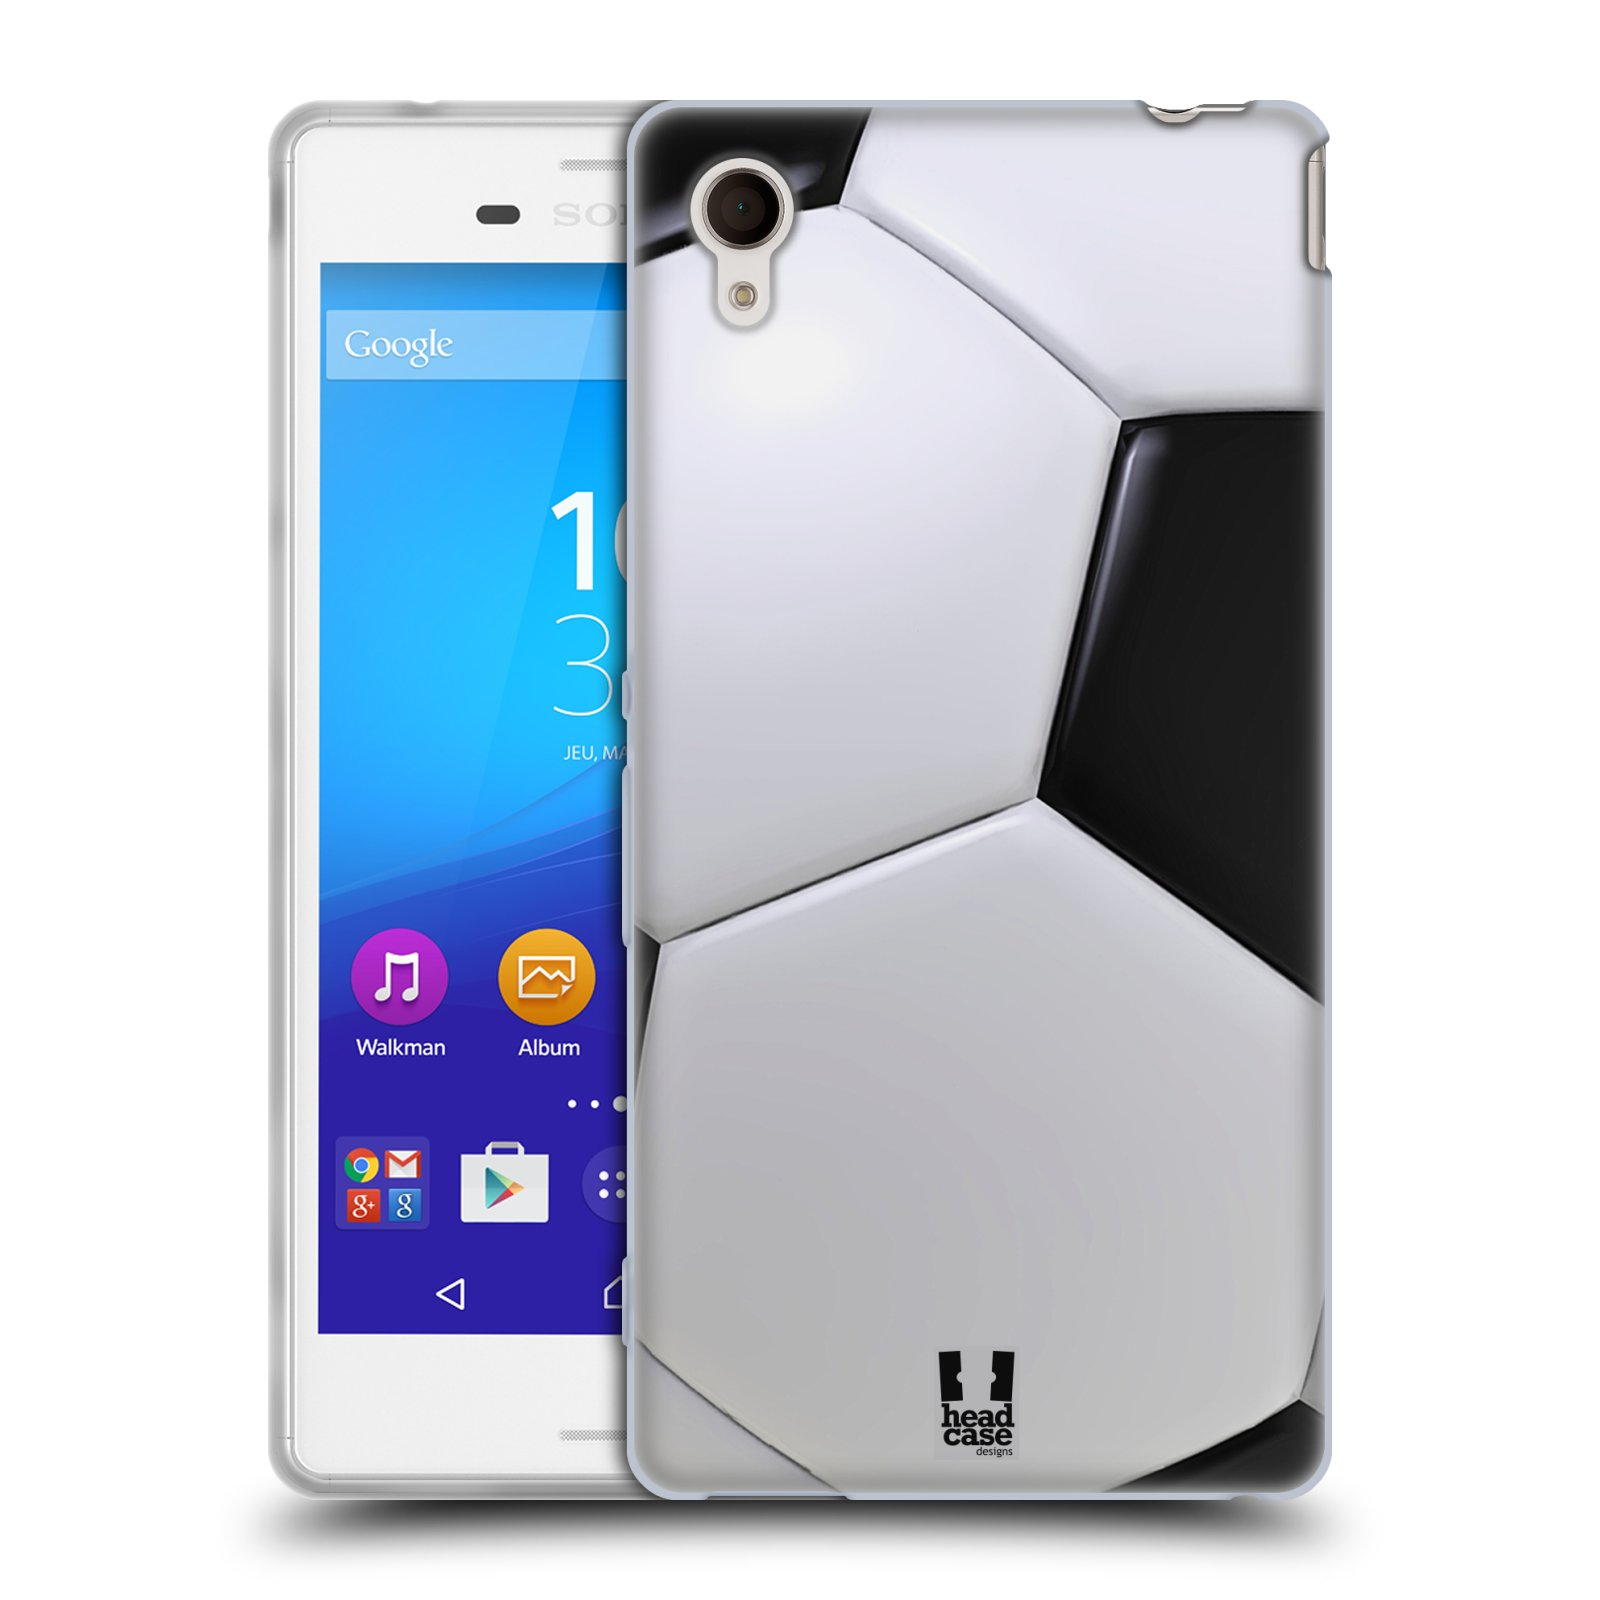 Silikonové pouzdro na mobil Sony Xperia M4 Aqua E2303 HEAD CASE KOPAČÁK (Silikonový kryt či obal na mobilní telefon Sony Xperia M4 Aqua a M4 Aqua Dual SIM)